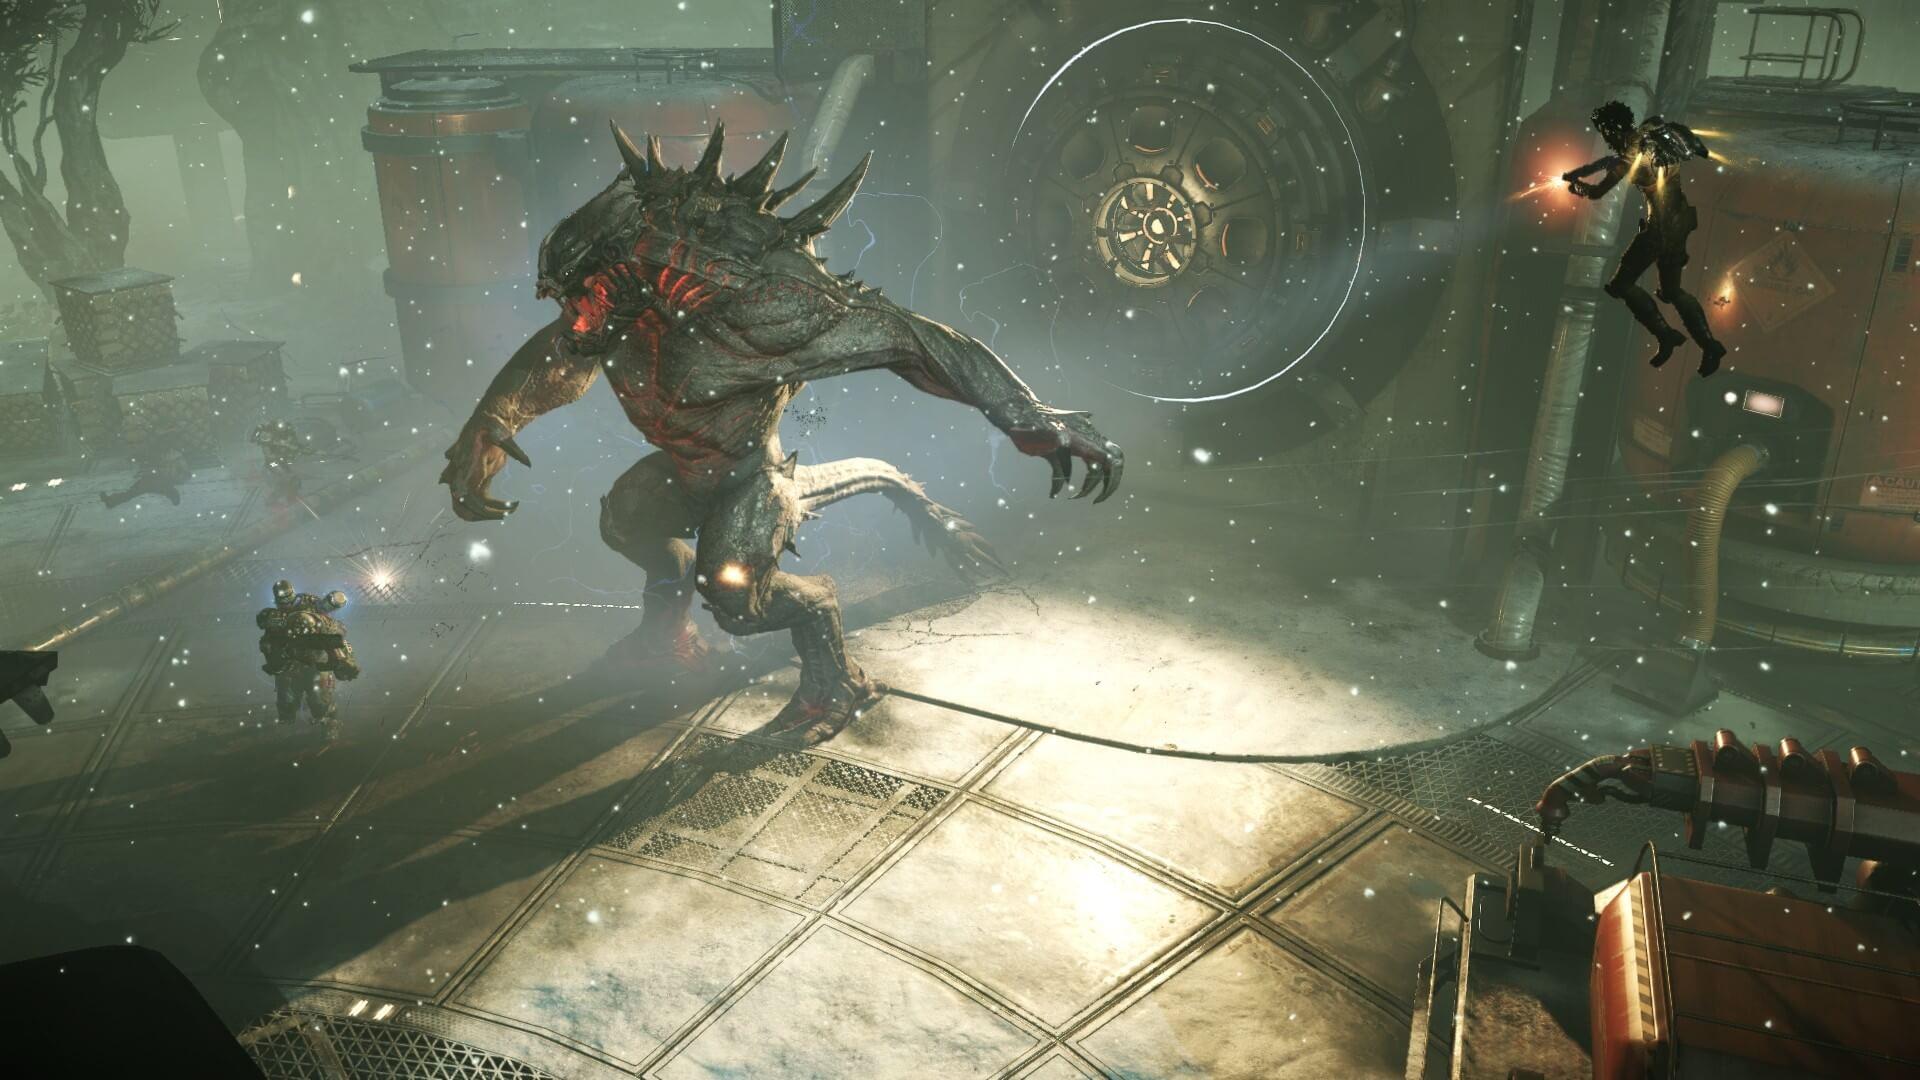 Vier Jäger sollen das massive Monster, das ein fünfter Spieler steuert, suchen und erlegen.